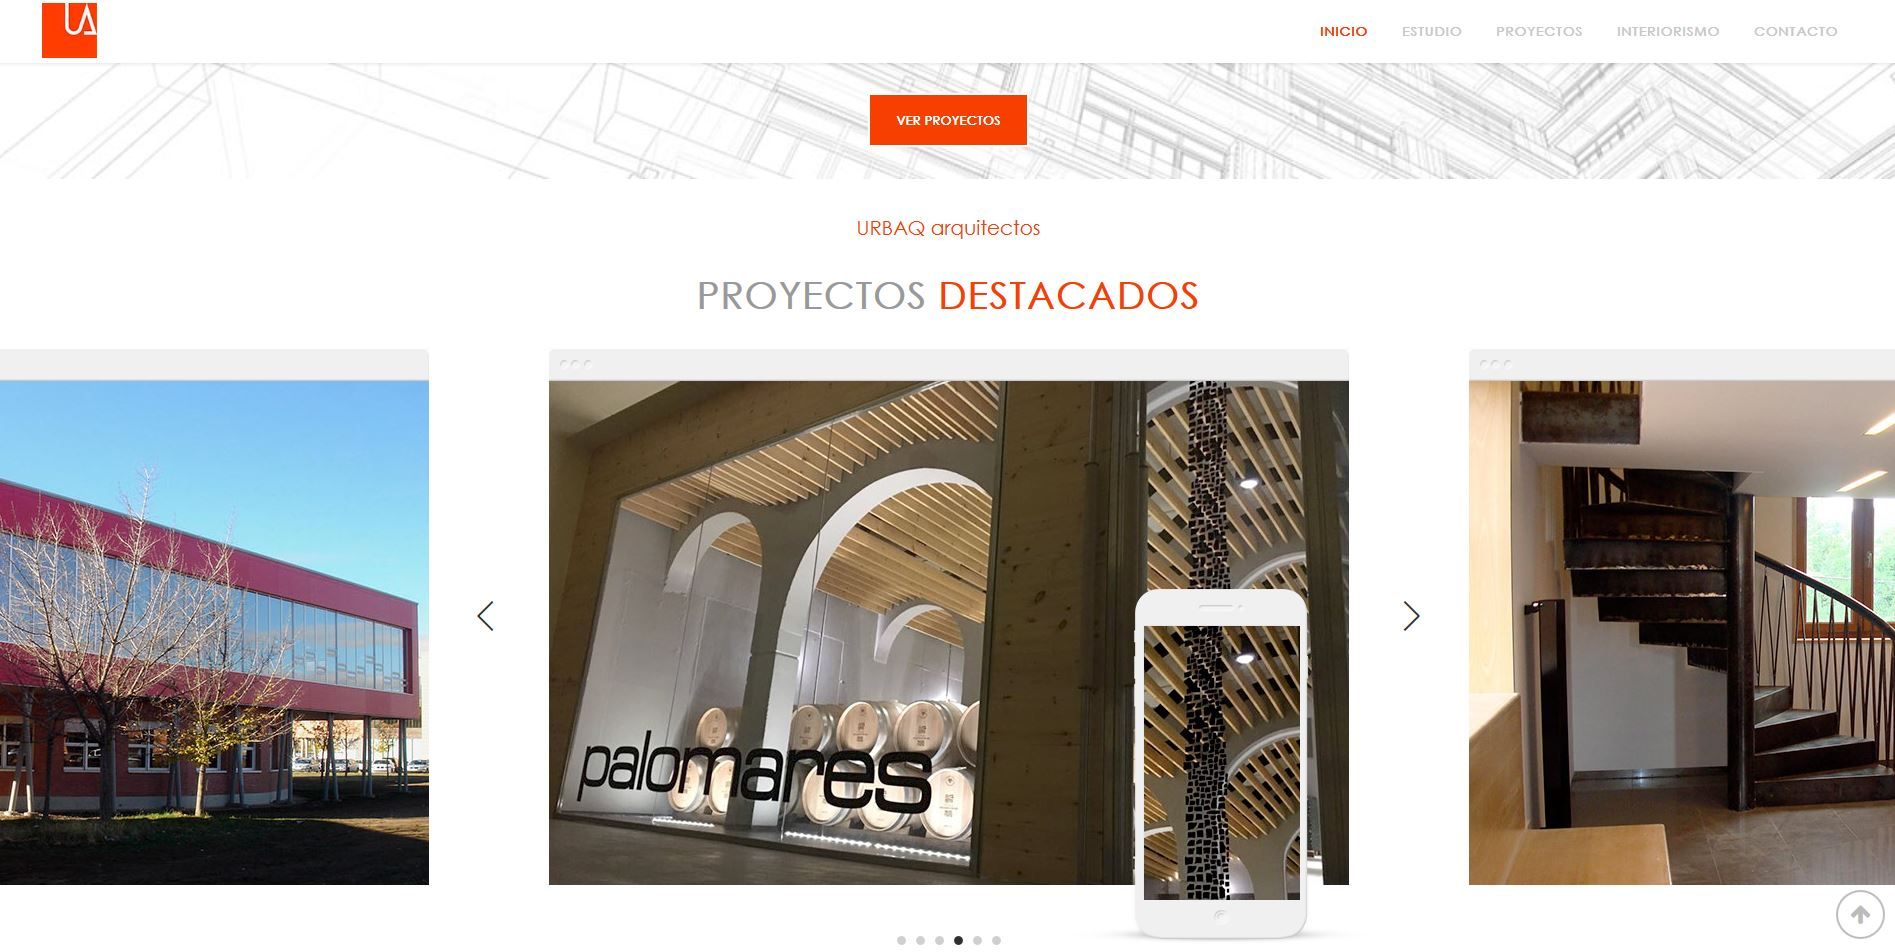 Urbaq Arquitectos